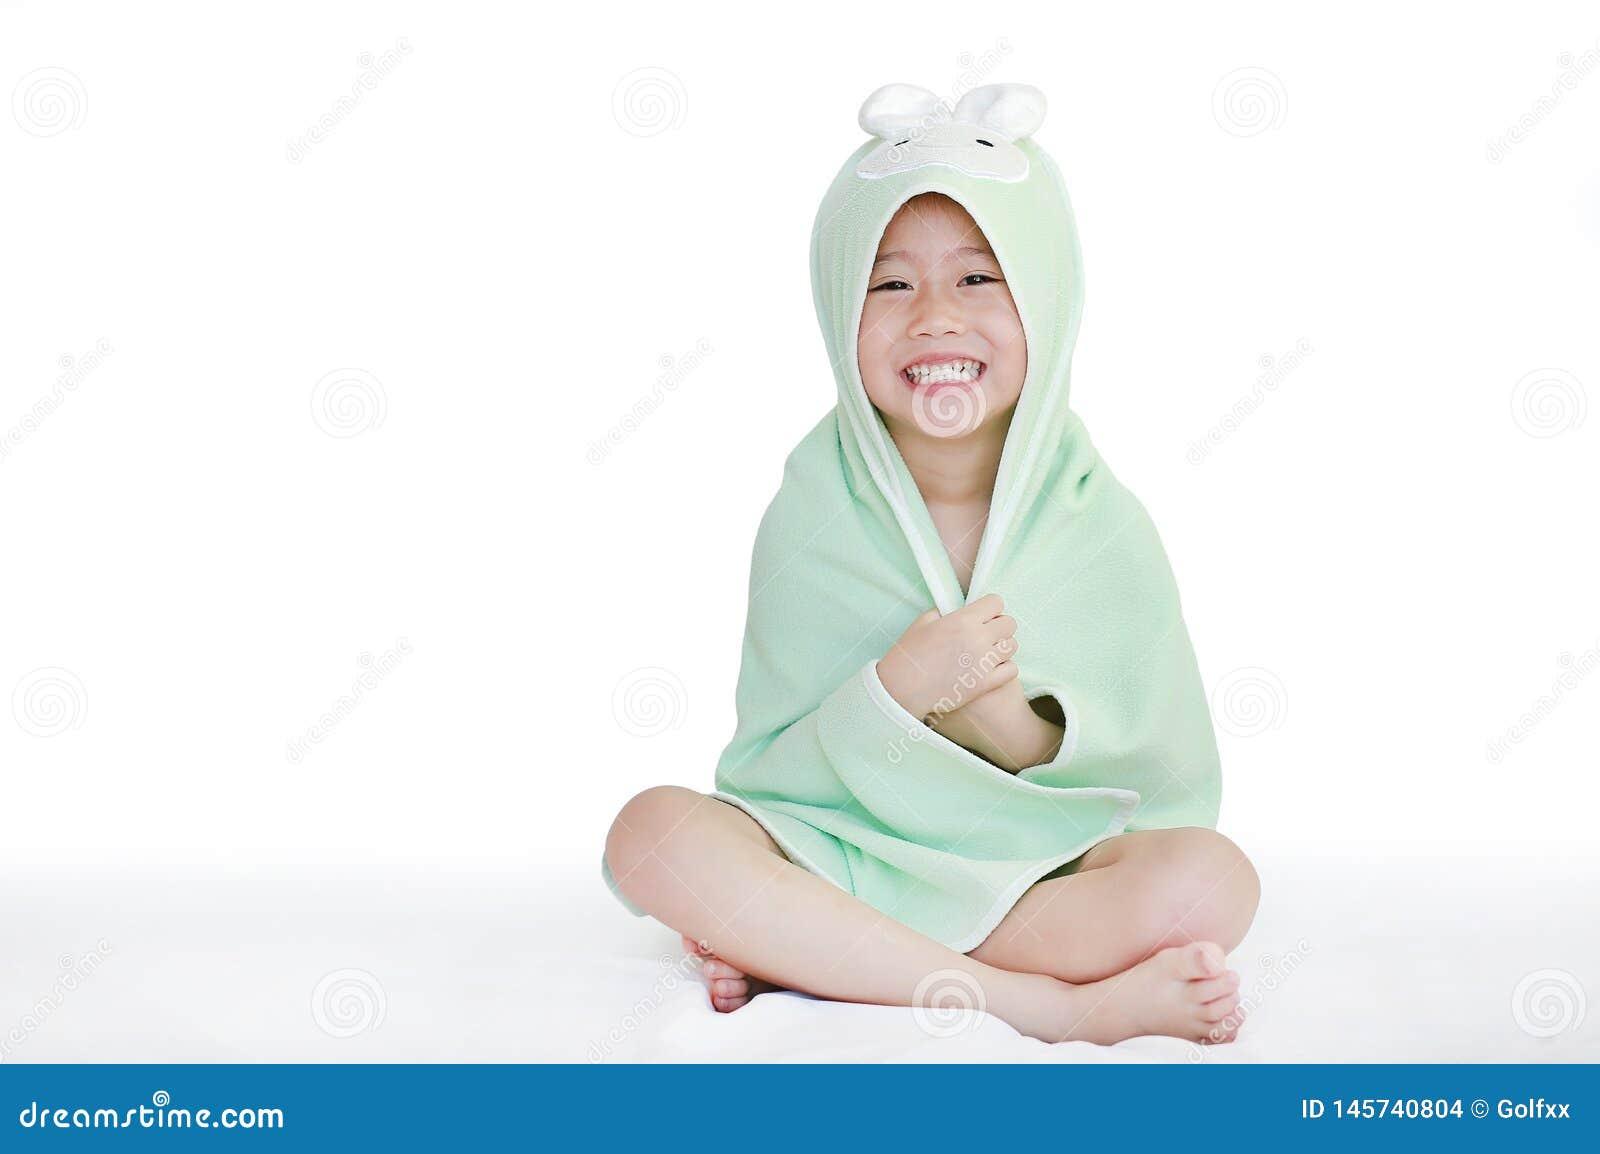 Ευτυχής λίγο ασιατικό παιδιών σώμα κάλυψης κοριτσιών χαμογελώντας κάτω από την πετσέτα μετά από τη συνεδρίαση λουτρών στο κρεβάτι